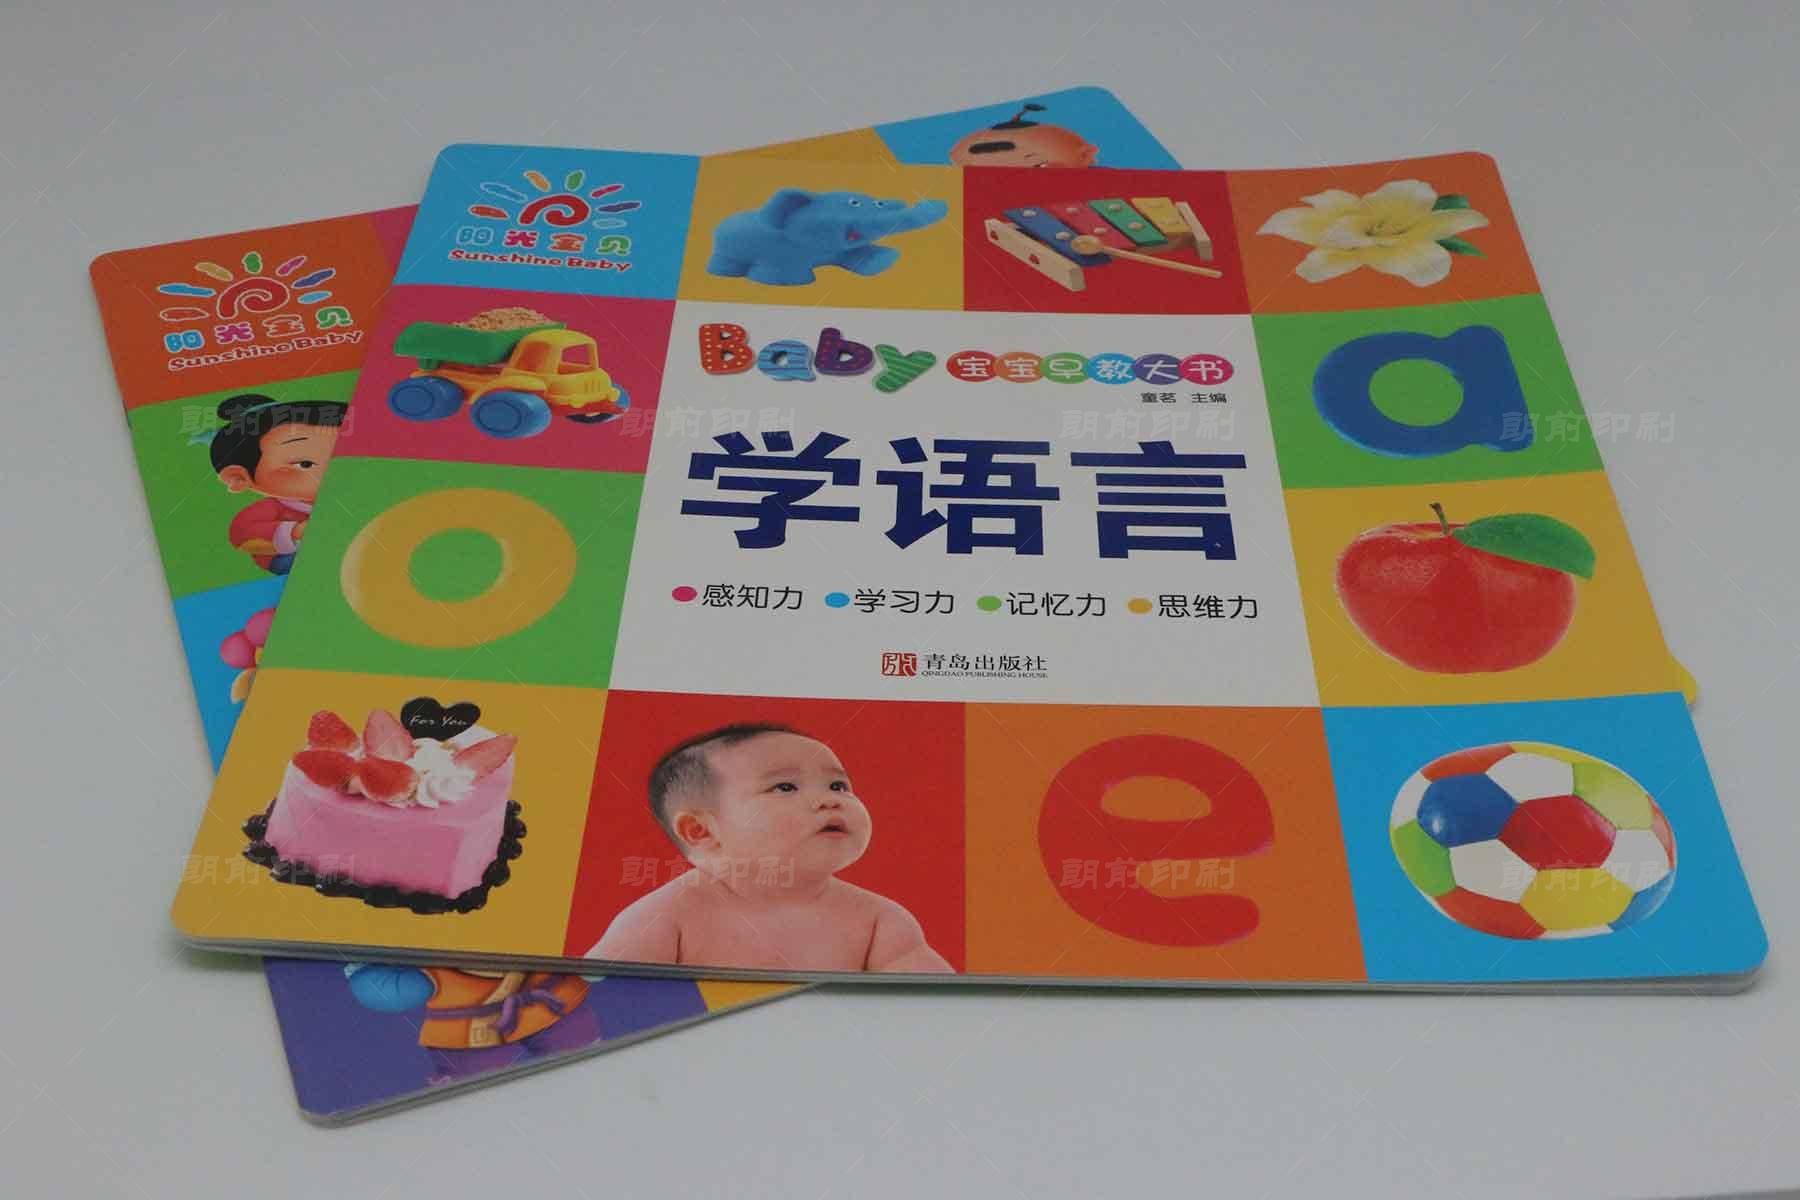 宝宝早教大书 骑钉儿童读物印刷